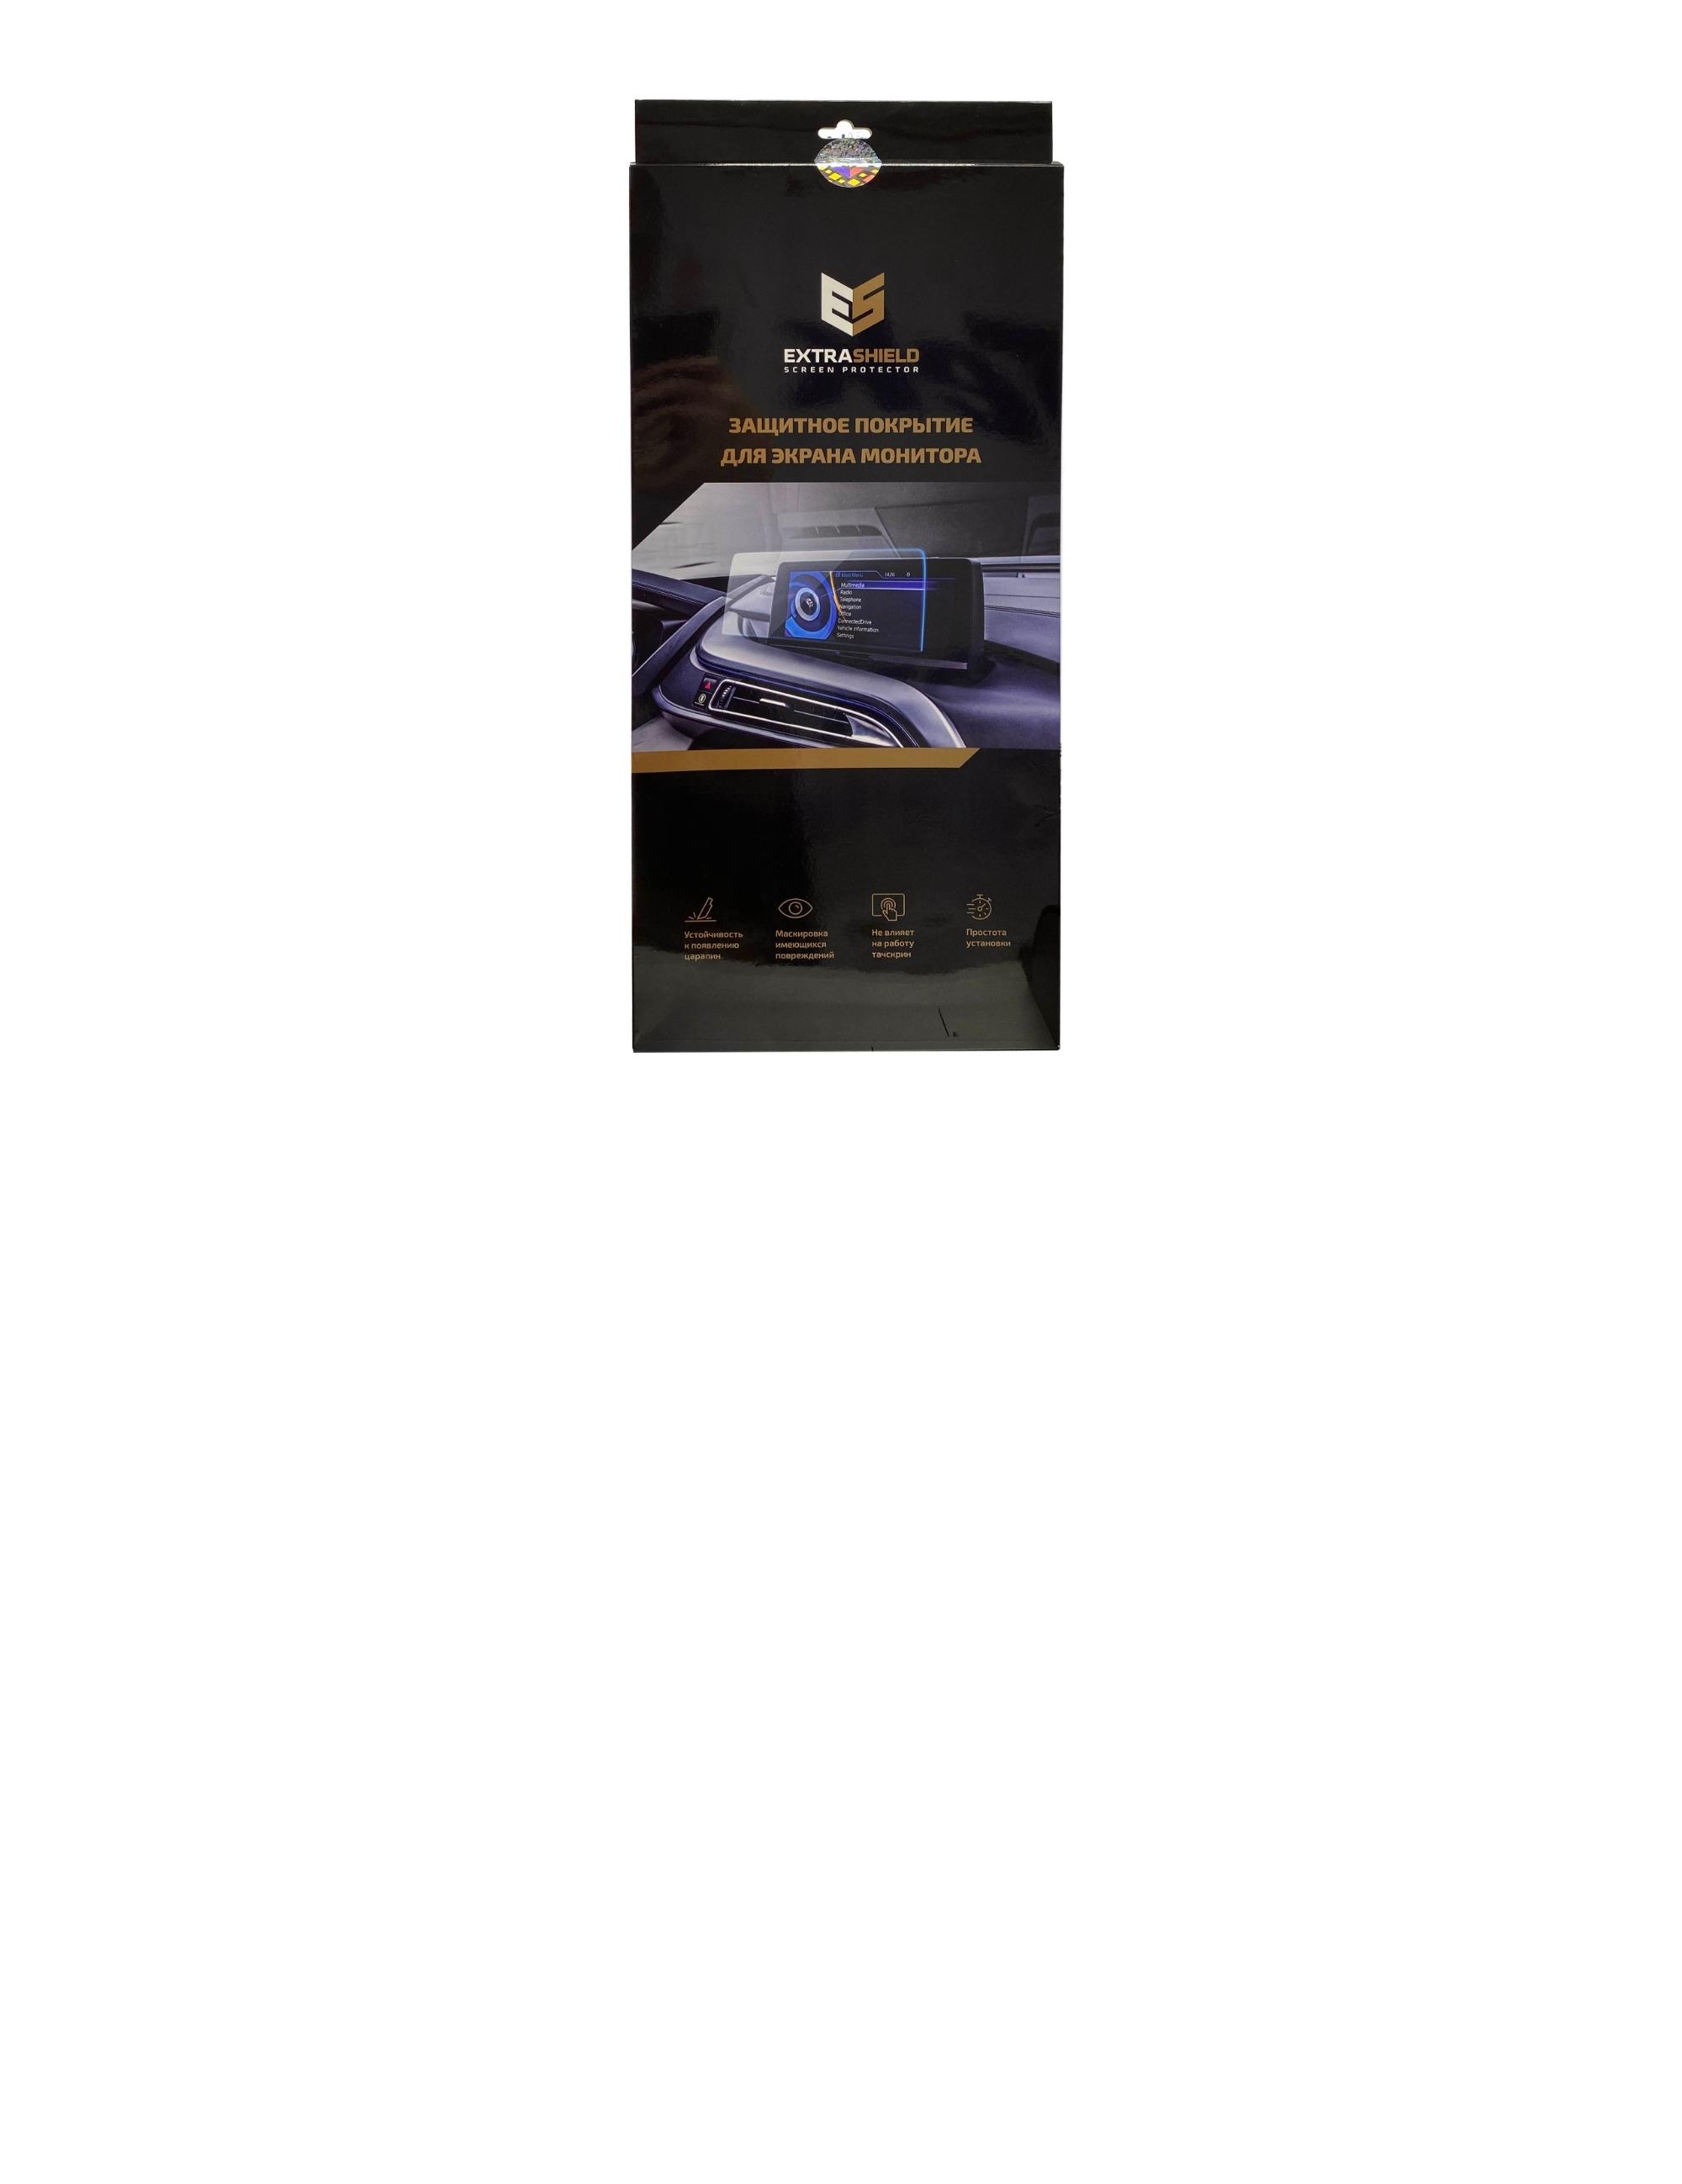 Audi Q5 II (FY) рестайлинг 2019 - н.в. приборная панель Audi Virtual Cockpit 12 Статическая пленка Г